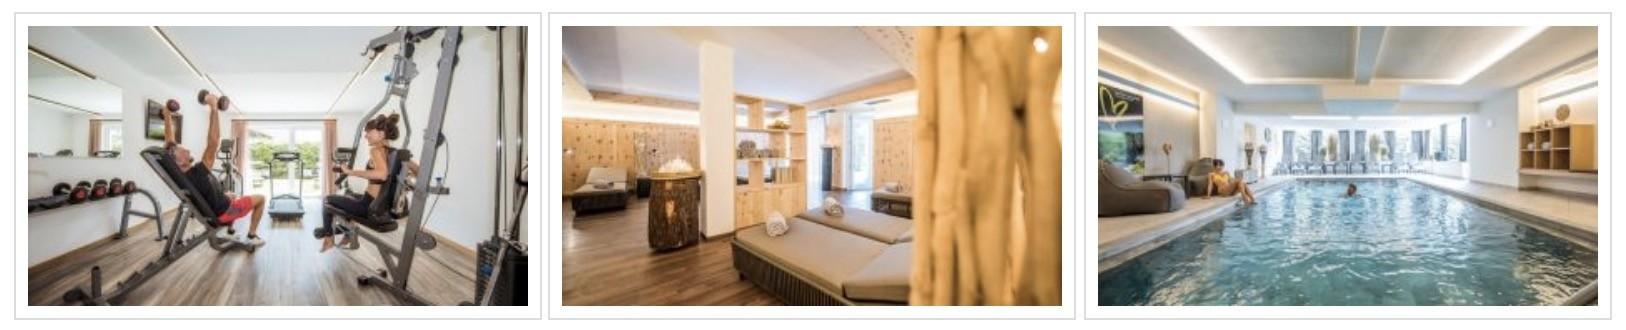 Hotel Vitaurina Royal Sand Spa und Sport Galerie